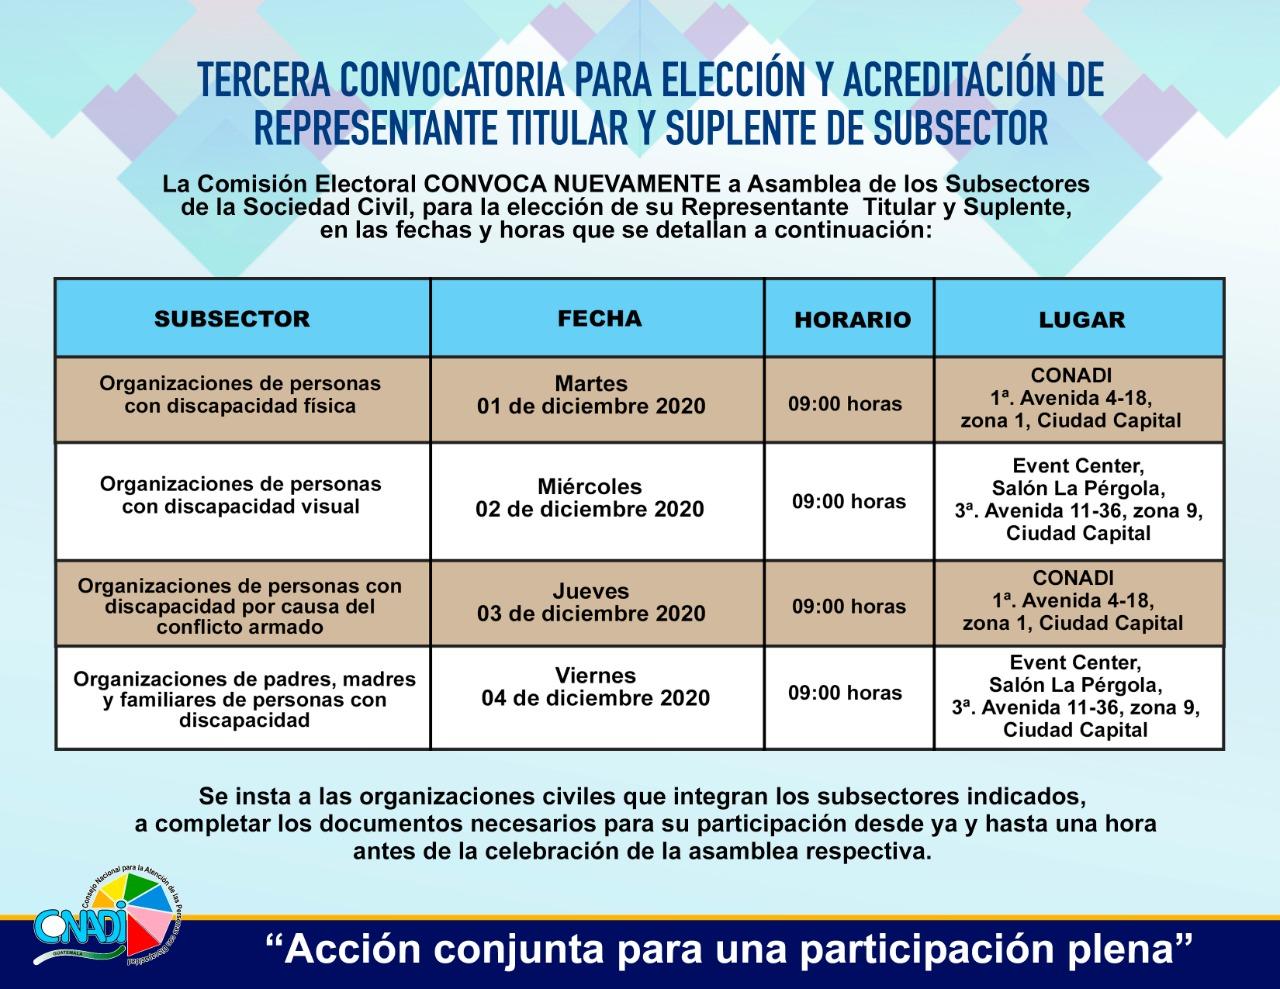 TERCERA CONVOCATORIA PARA ELECCIÓN Y ACREDITACIÓN DE REPRESENTANTE TITULAR Y SUPLENTE DE SUBSECTOR